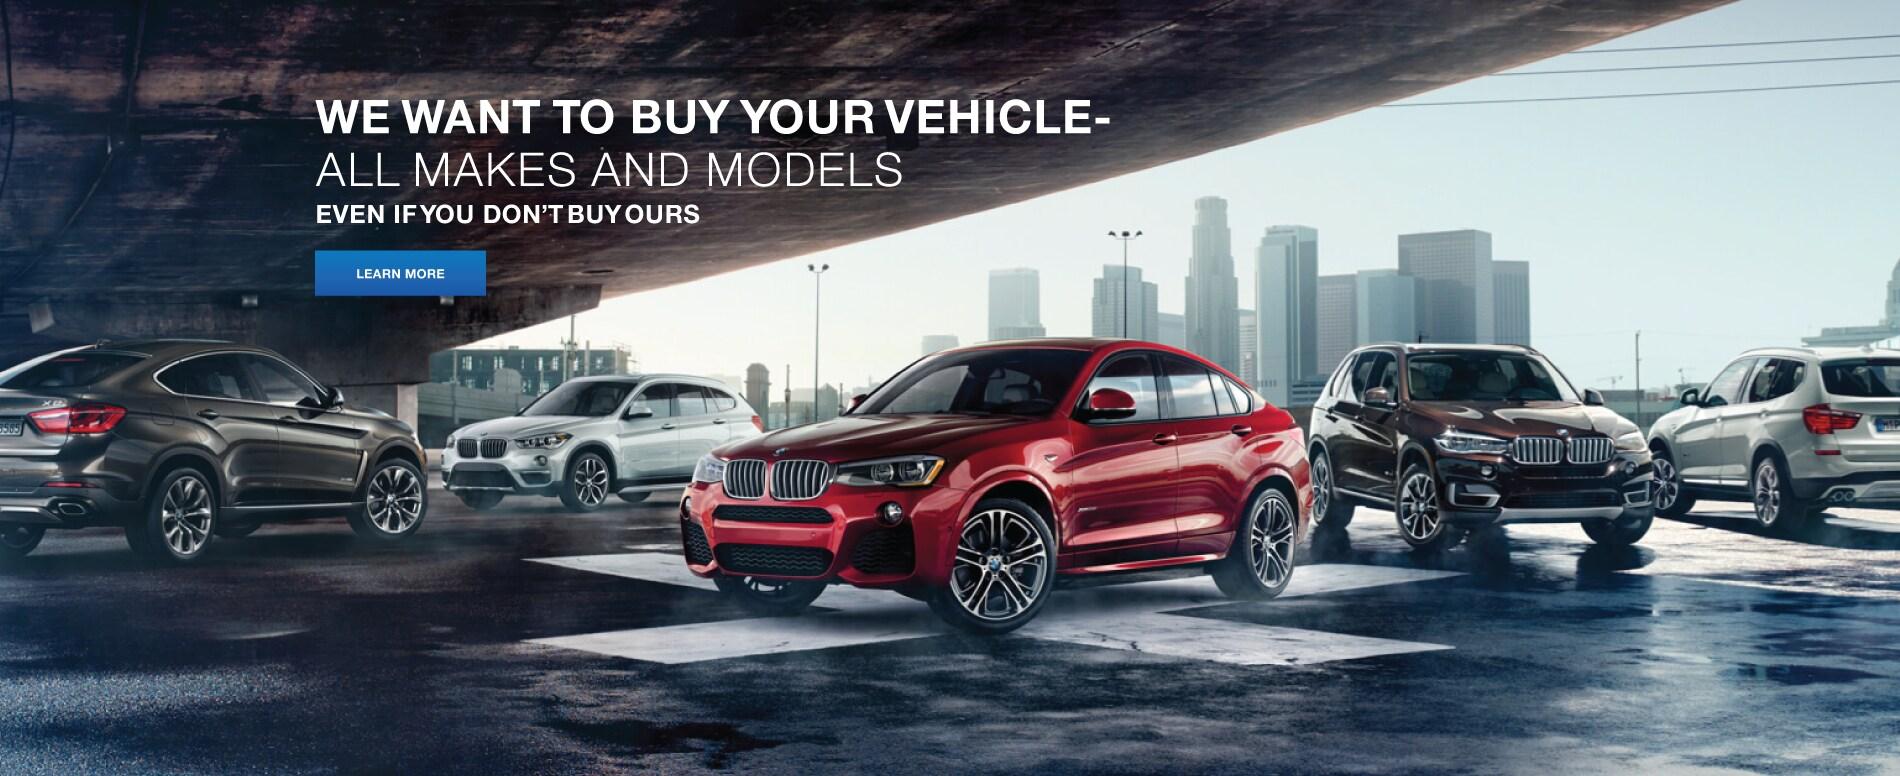 BMW of Tulsa OK   New & Used BMW Dealership Near Me